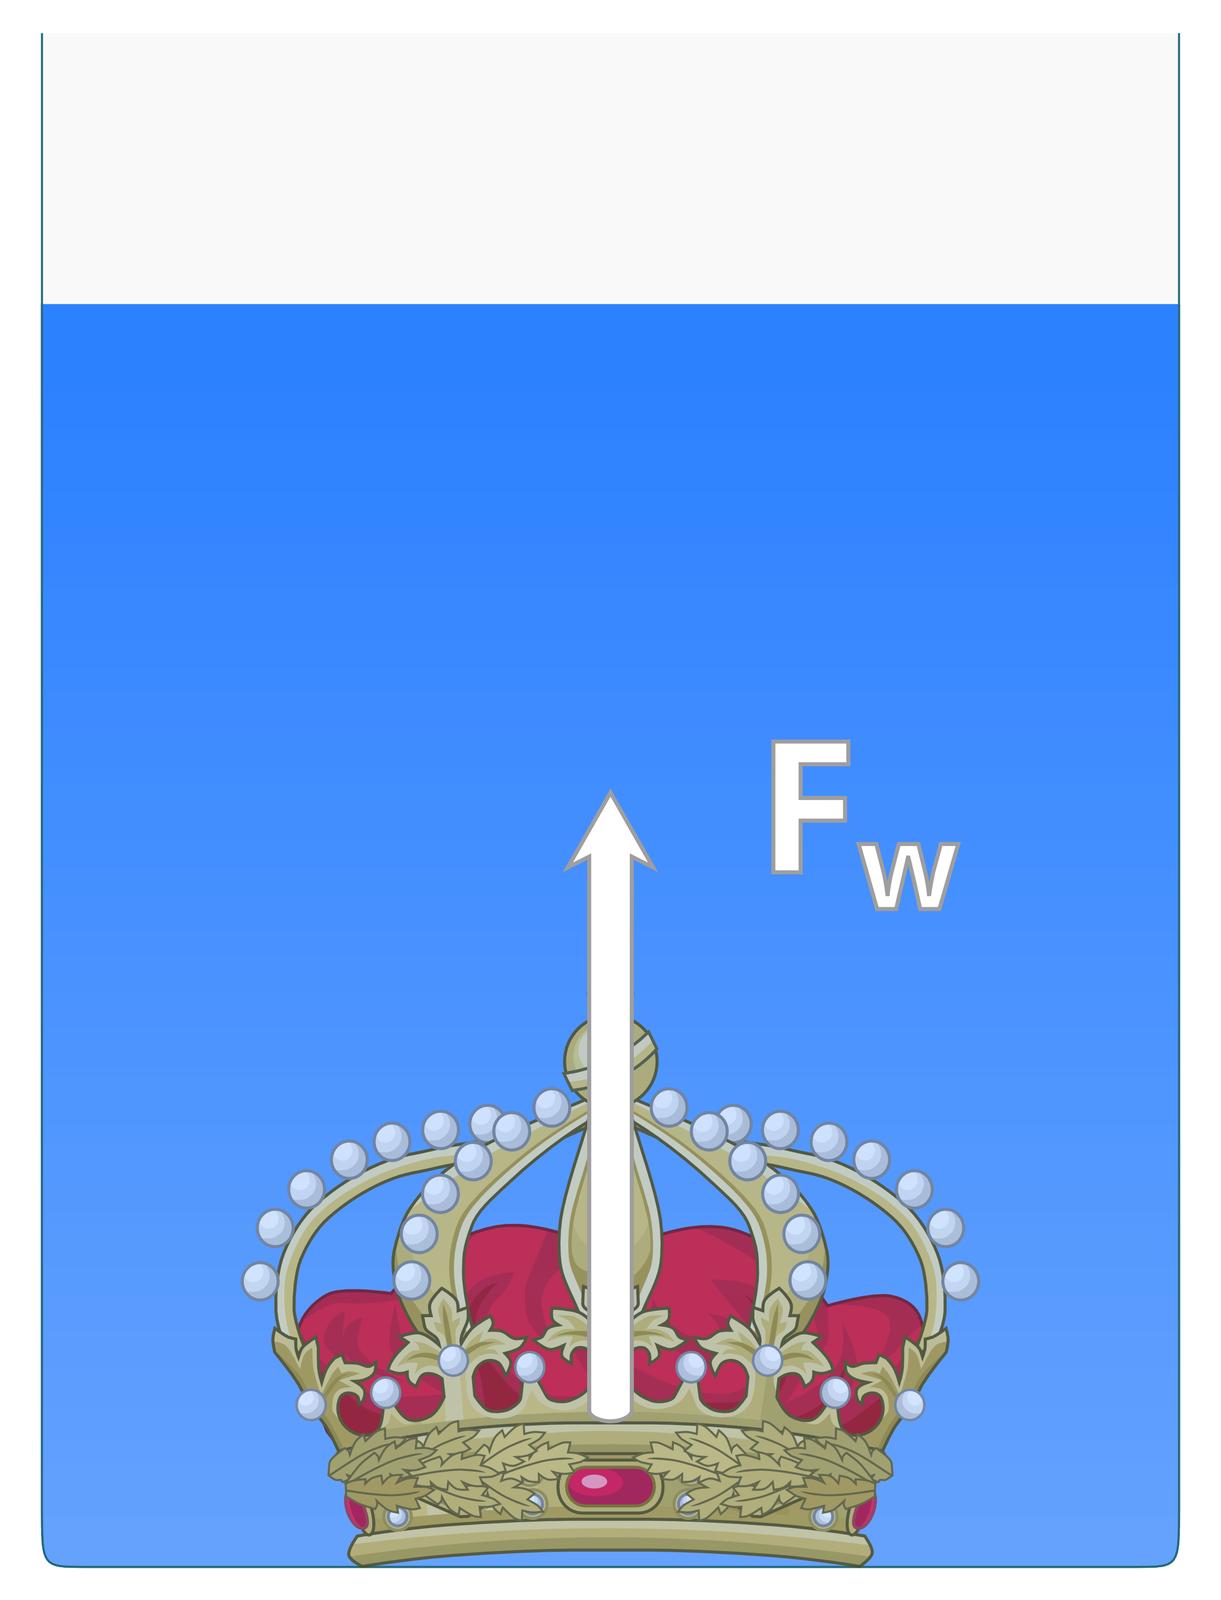 Ilustracja przedstawia koronę królewską. Tło białe. Korona wykonana ze złota. Ozdobiona perłami irubinami. Korona zanurzona wnaczyniu zwodą. Naczynie prawie pełne. Korona znajduje się na dnie naczynia, jest wcałości zanurzona. Po środku korony narysowano białą strzałkę. Strzałka skierowana pionowo, zwrócona ku górze. Grot sięga połowy wypełnionego naczynia. Strzałka podpisana literami Fw.